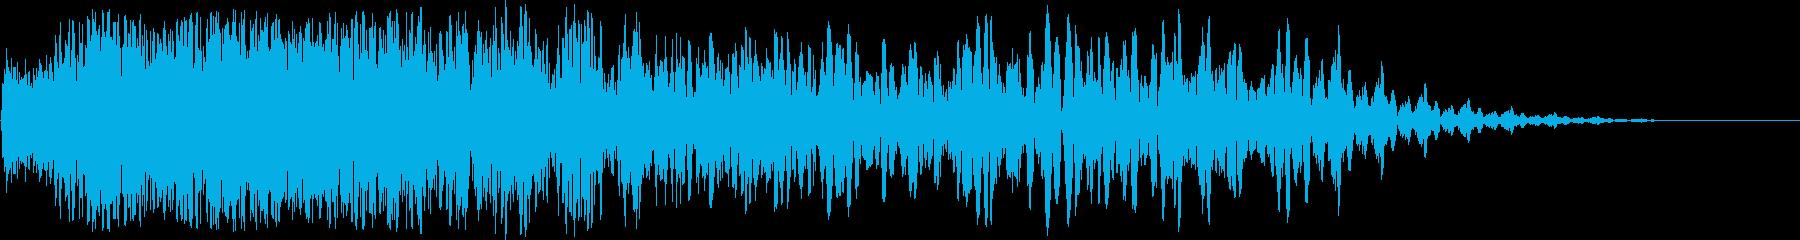 ヘビーインノイズディレイ2の再生済みの波形